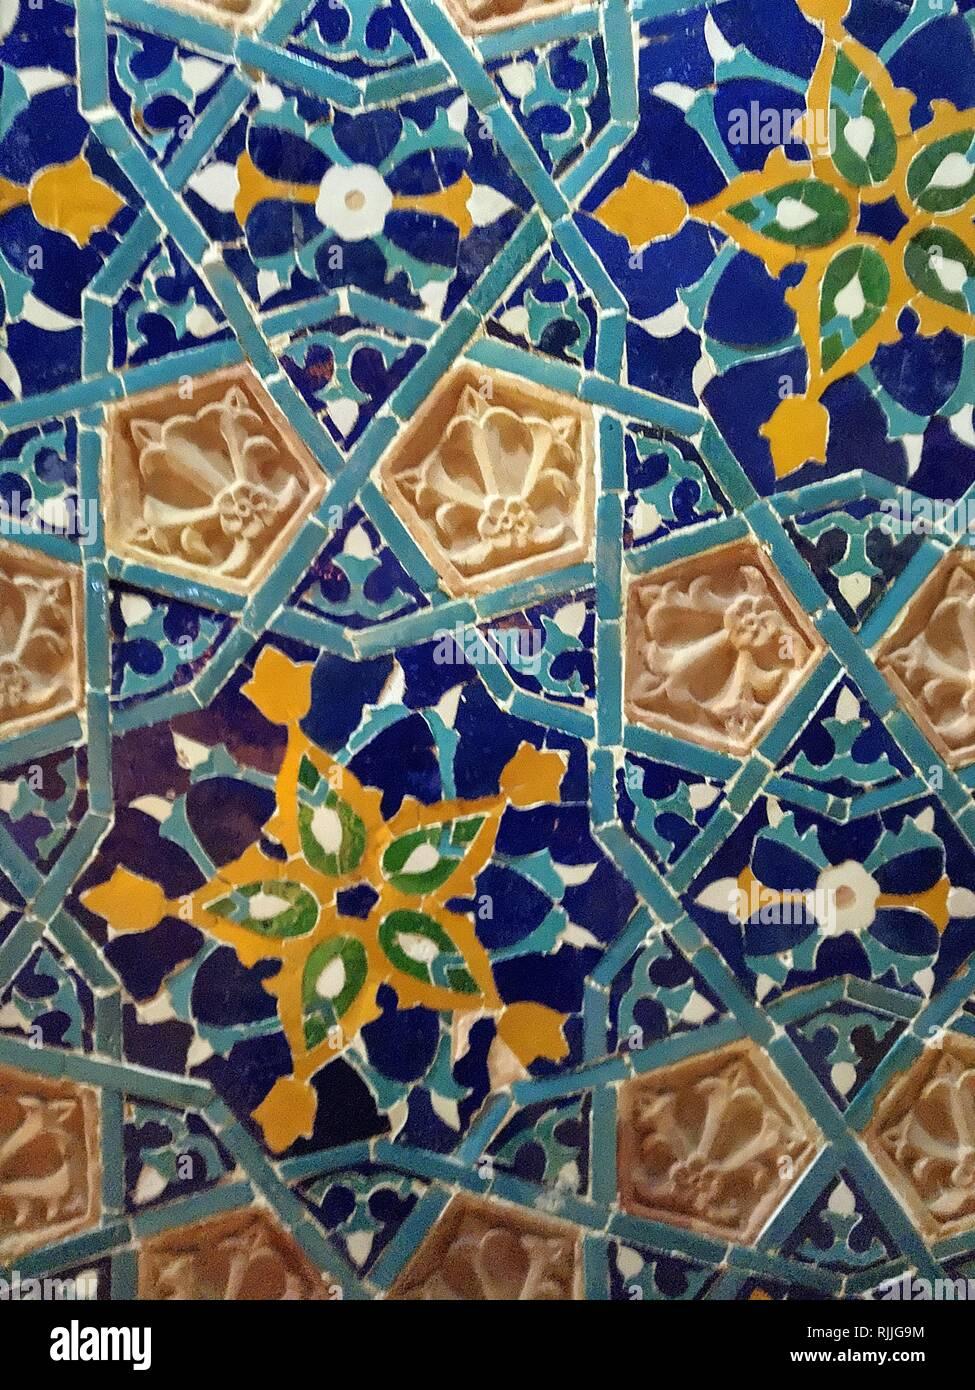 Georgische Orientalische Keramik Blau Dekor Blume Fliesen Muster